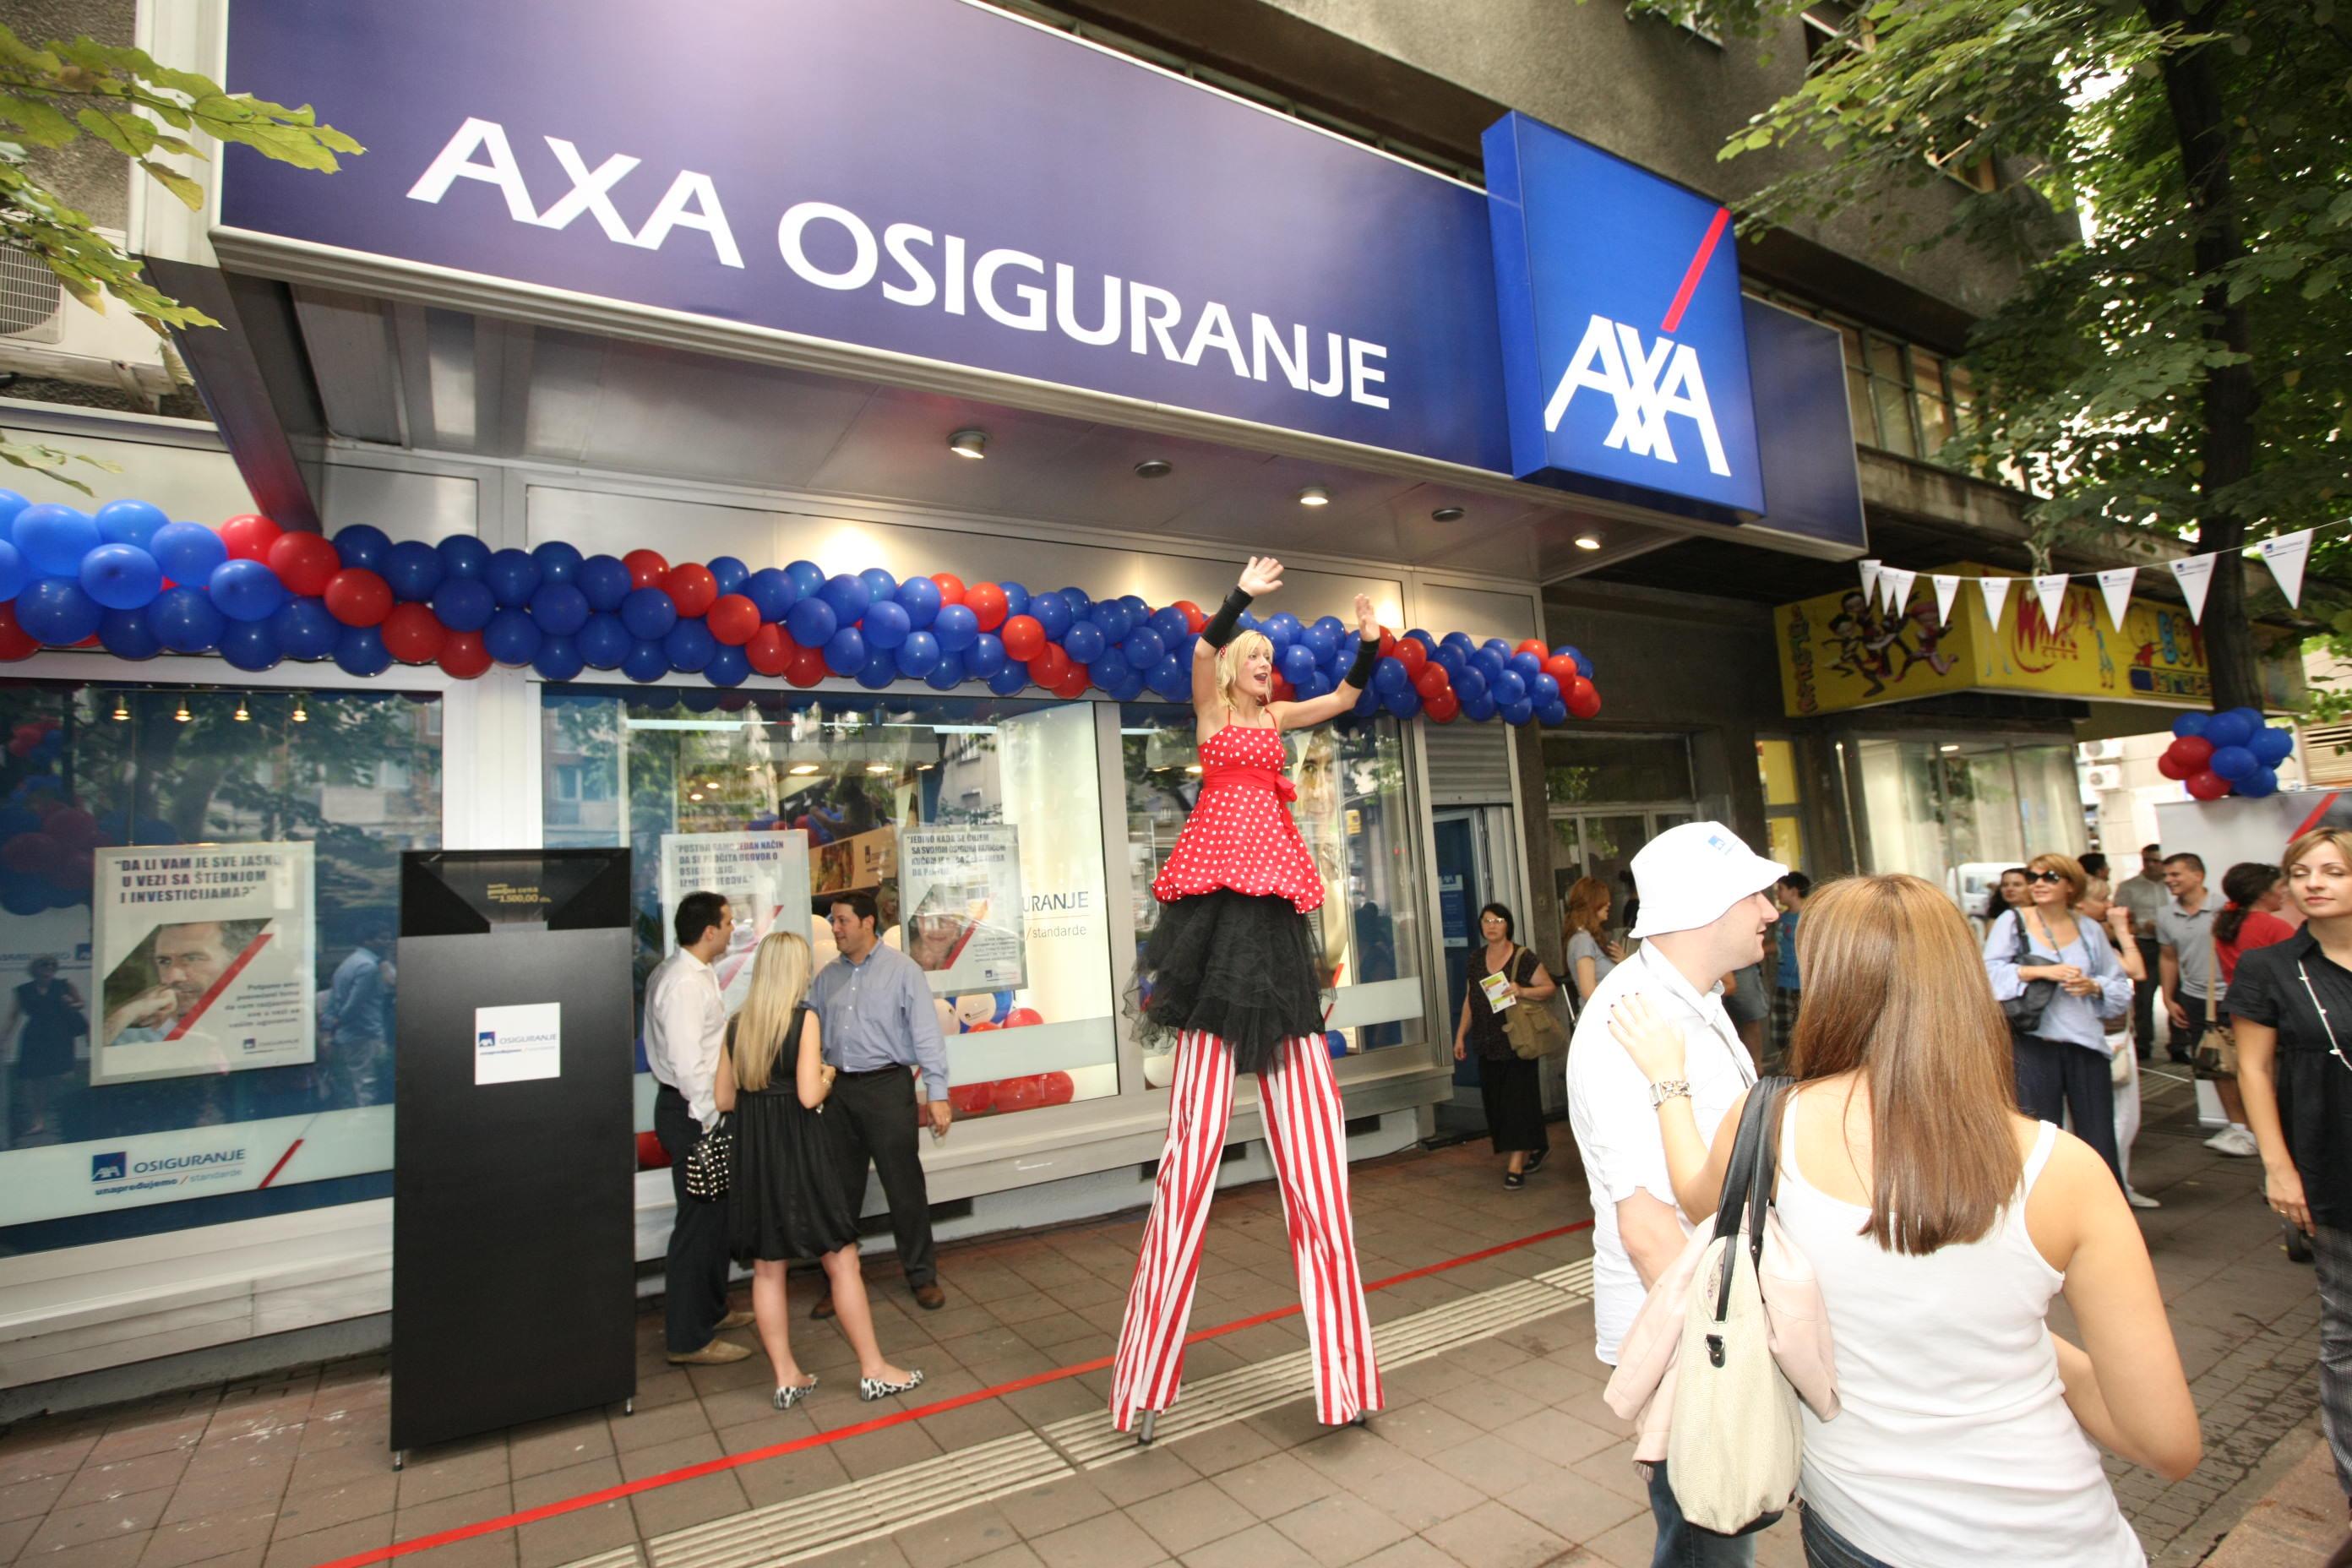 AXA osiguranje